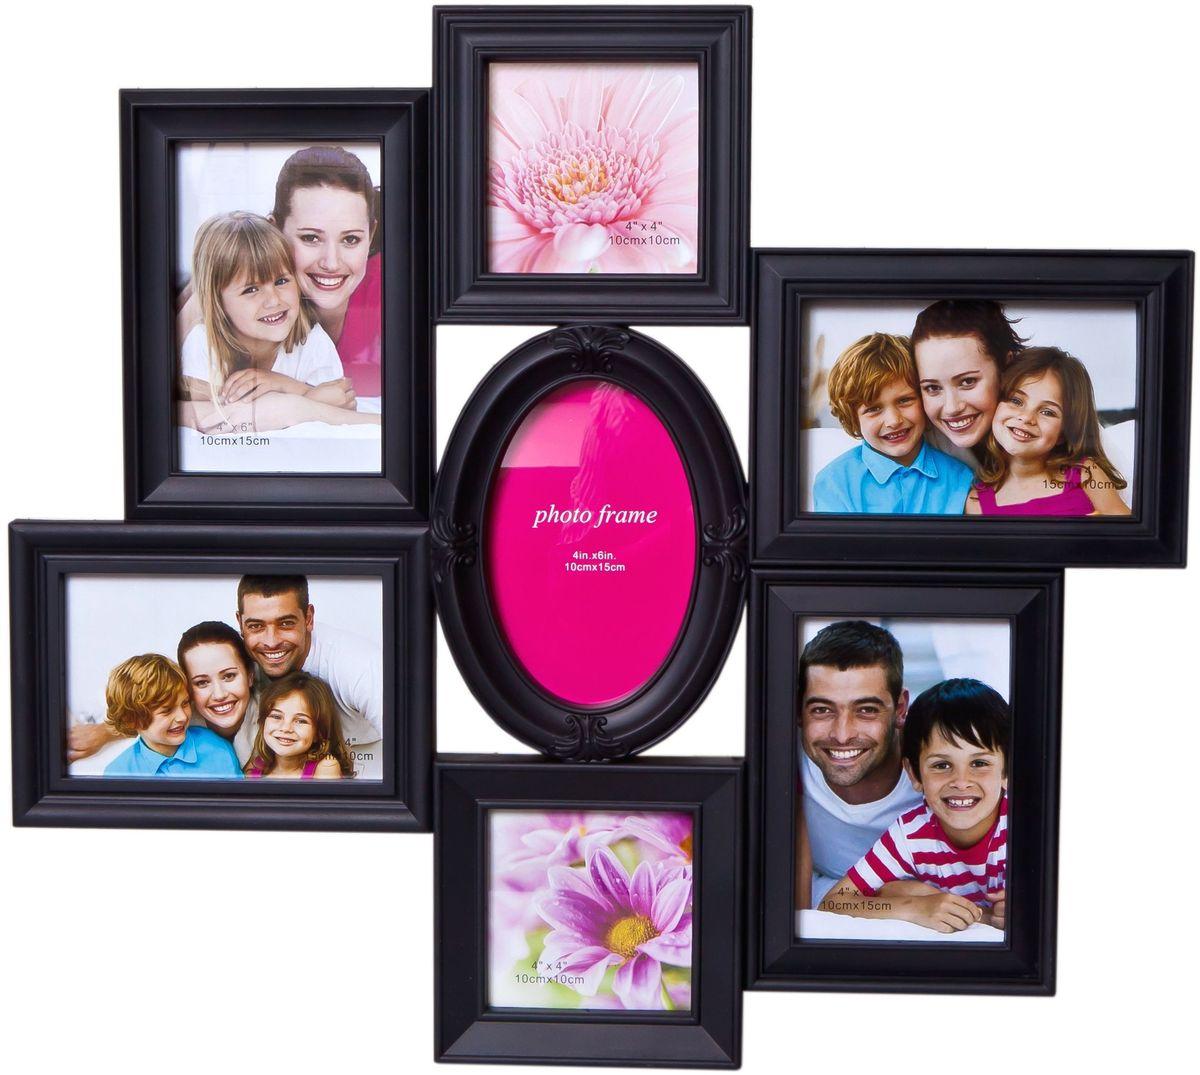 Фоторамка Platinum, цвет: черный, на 7 фото. BH-1313RG-D31SФоторамка Platinum - прекрасный способ красиво оформить ваши фотографии. Фоторамка выполнена из пластика и защищена стеклом. Фоторамка-коллаж представляет собой семь фоторамок для фото разного размера оригинально соединенных между собой. Такая фоторамка поможет сохранить в памяти самые яркие моменты вашей жизни, а стильный дизайн сделает ее прекрасным дополнением интерьера комнаты.Фоторамка подходит для фото следующих размеров: 2 фото 10 х 10 см и 5 фото 10 х 15 см.Общий размер фоторамки: 50 х 45 см.